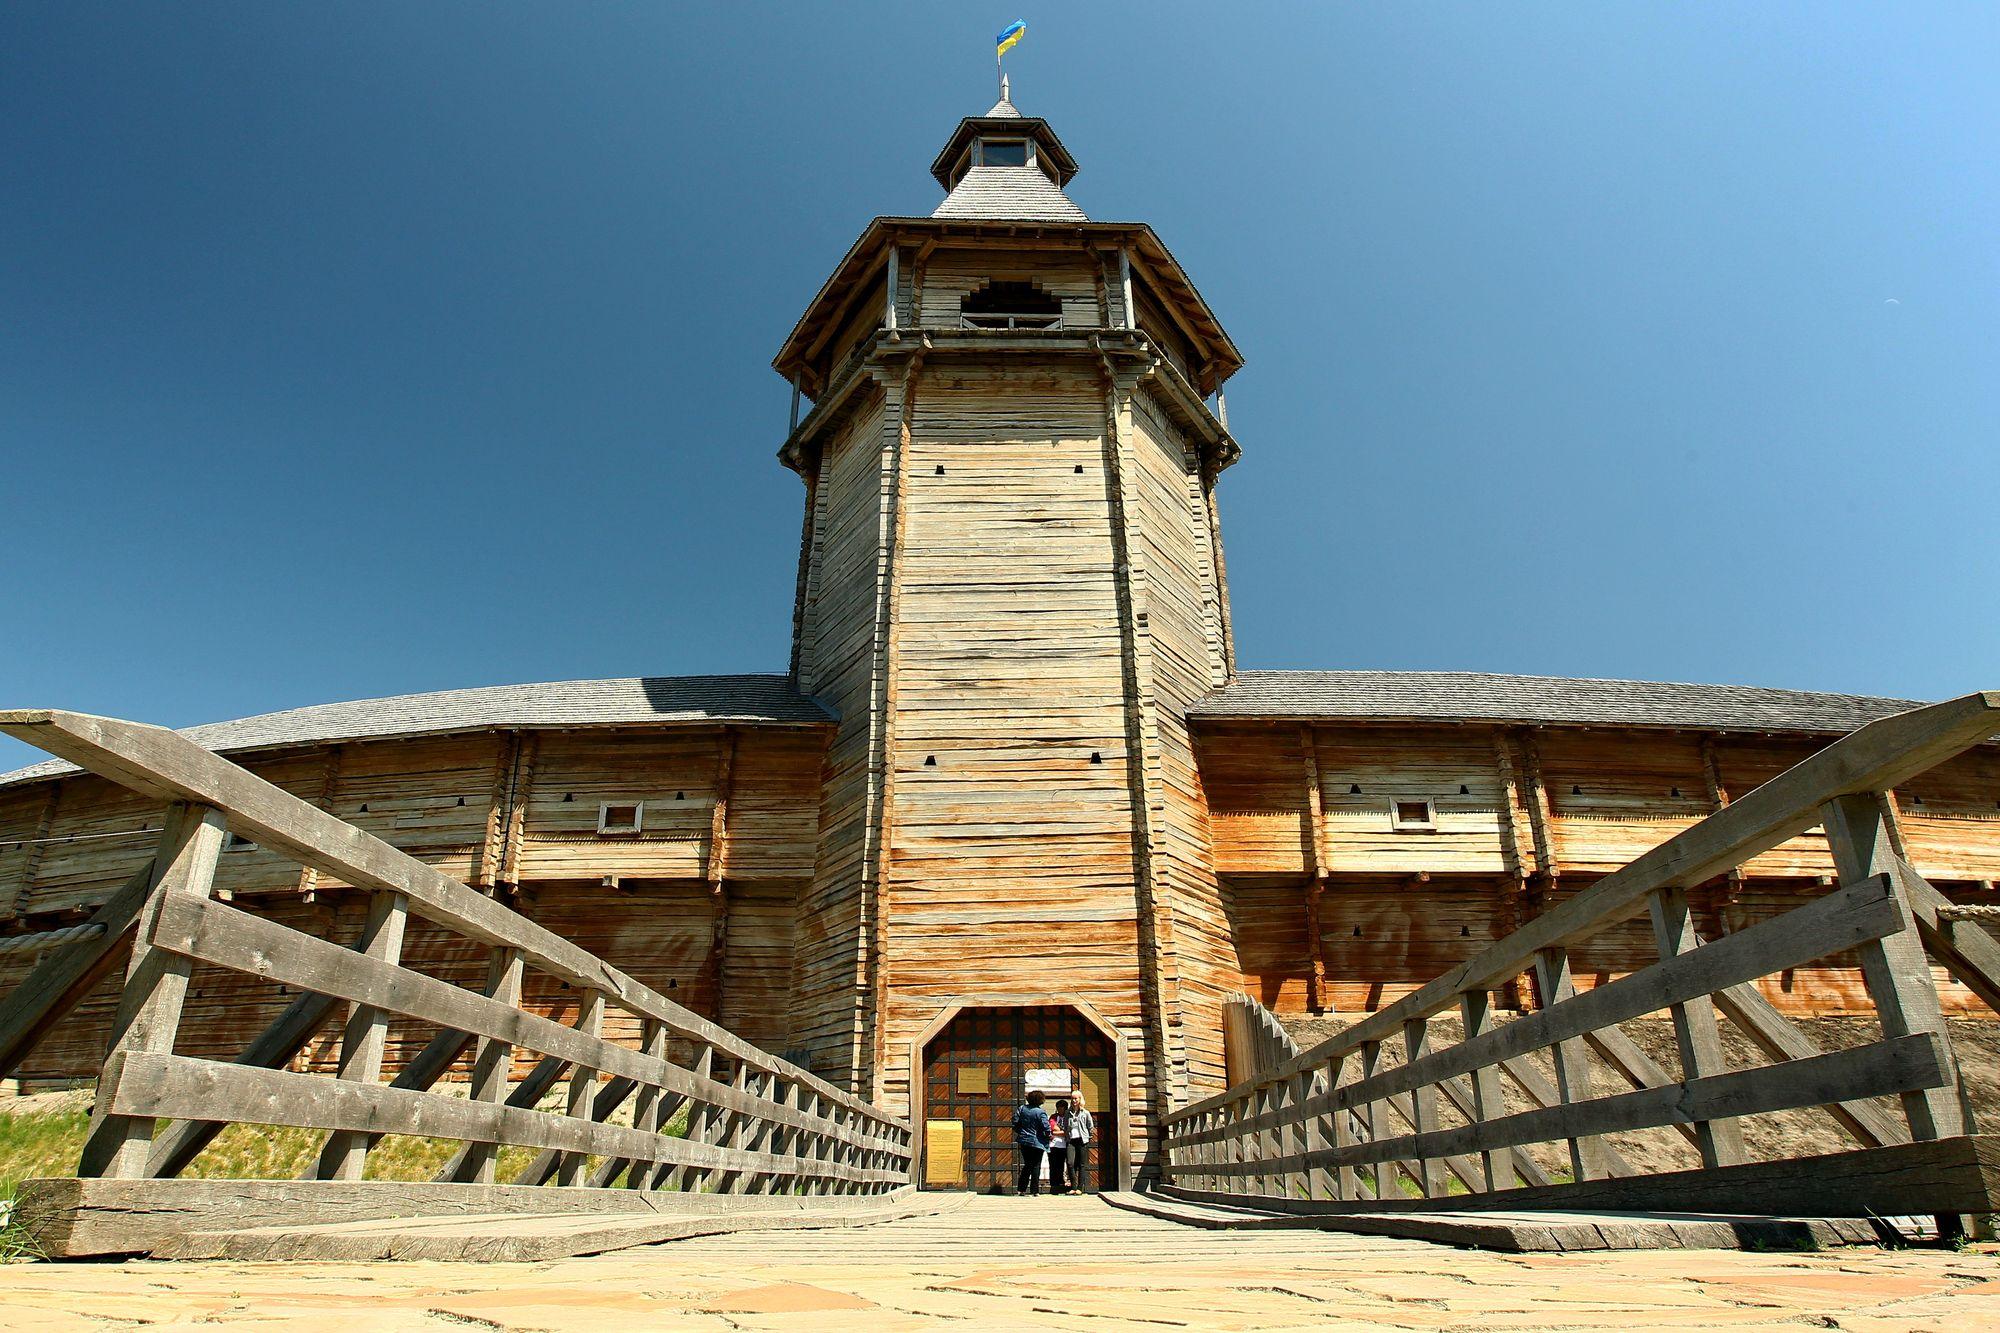 Неповторна «Гетьманська столиця»: Батуринська фортеця в об`єктиві (Фоторепортаж)